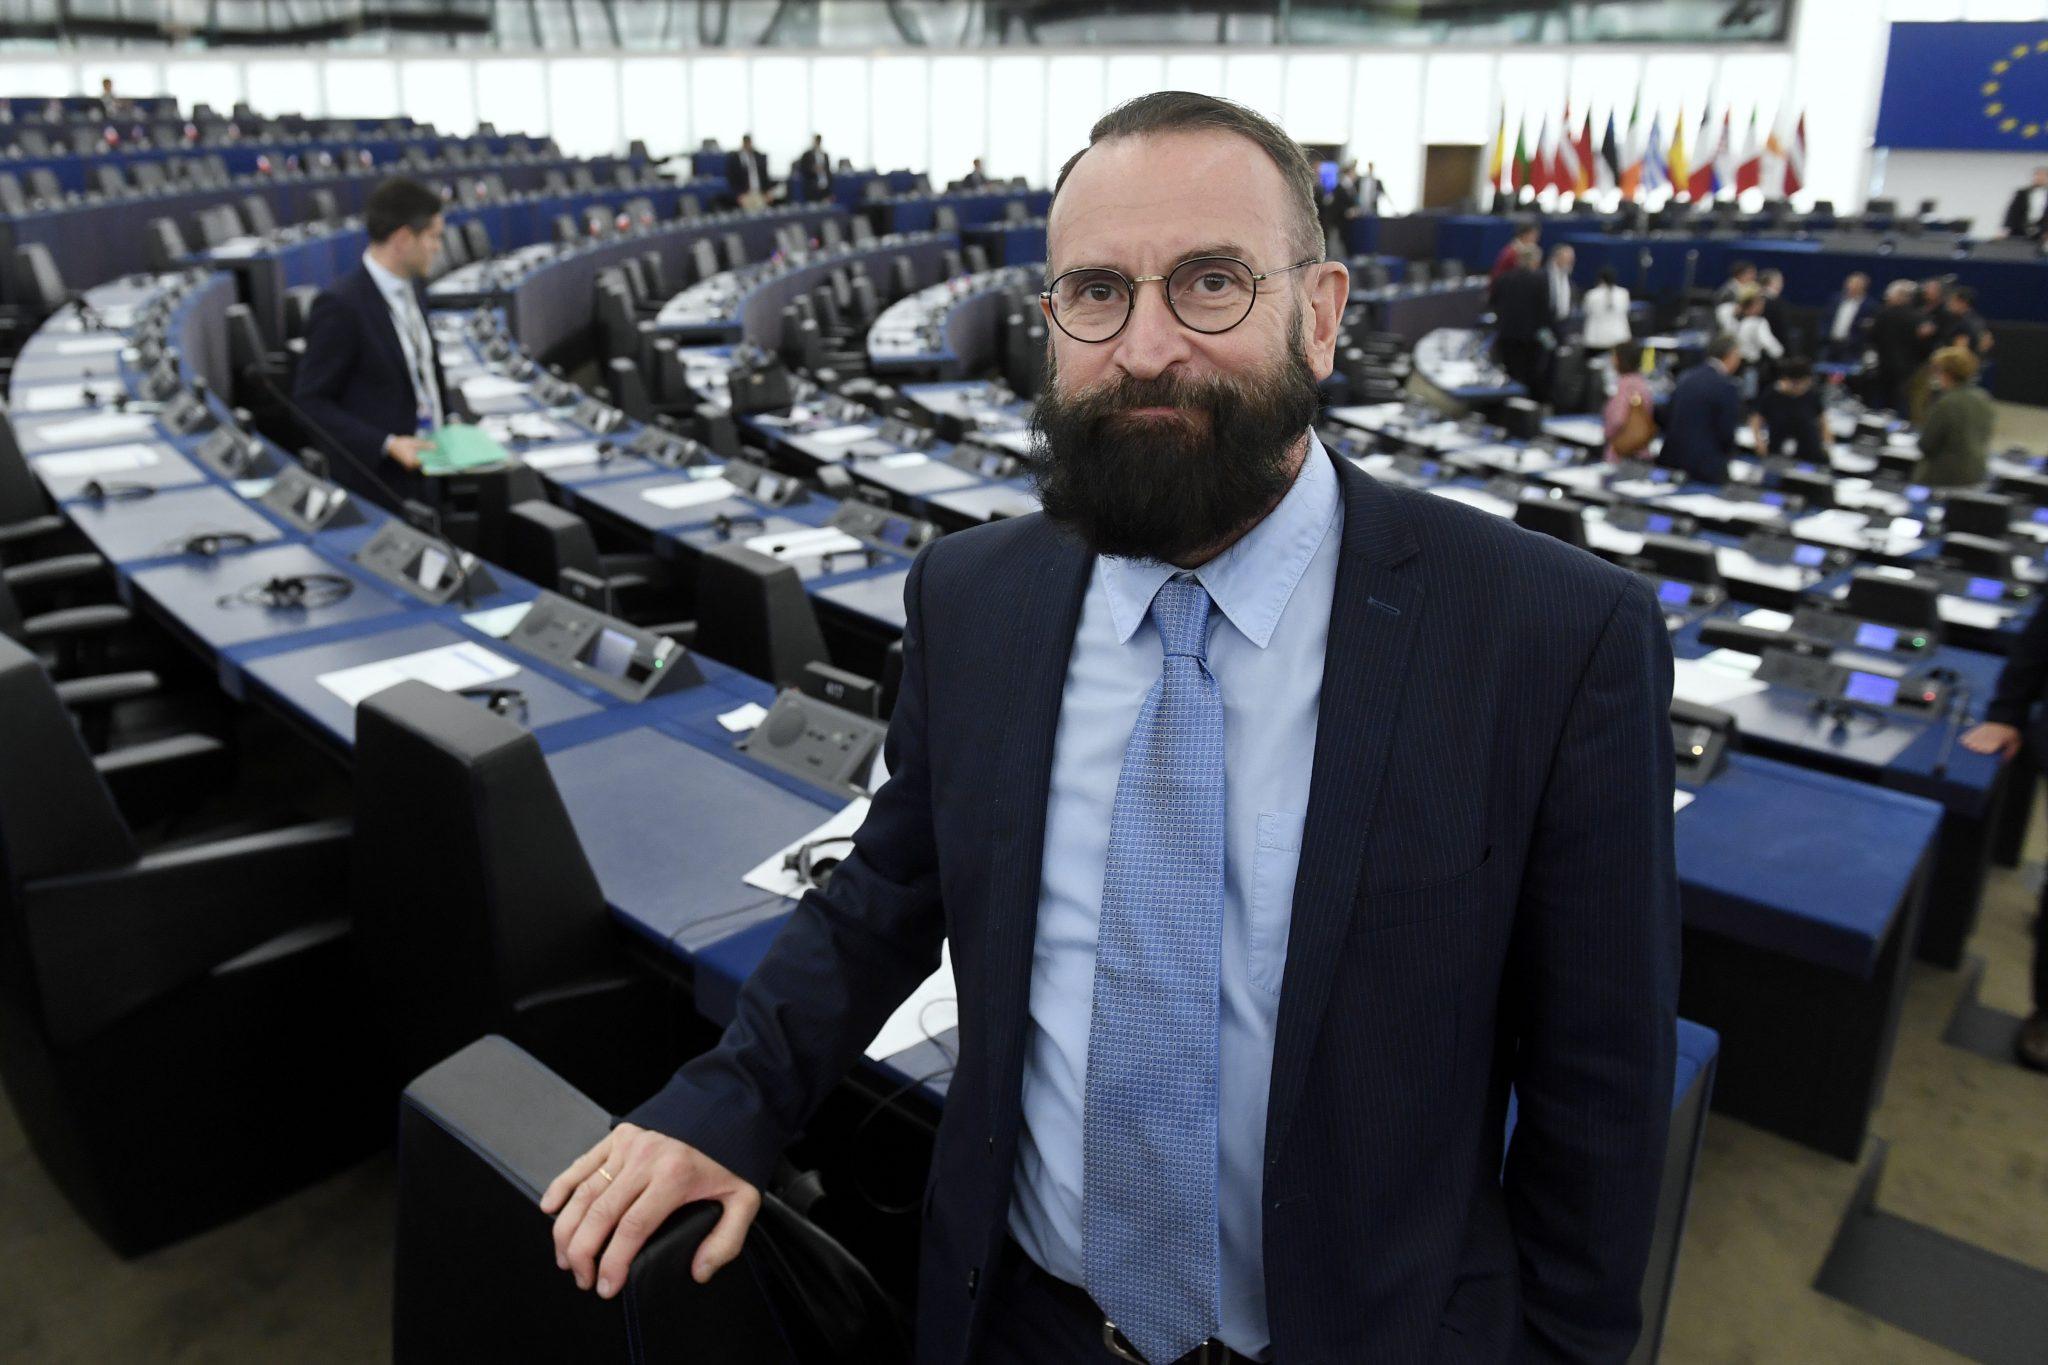 Scandale à Bruxelles : Un député européen surpris en pleine partie fine... Il prend la fuite nu !